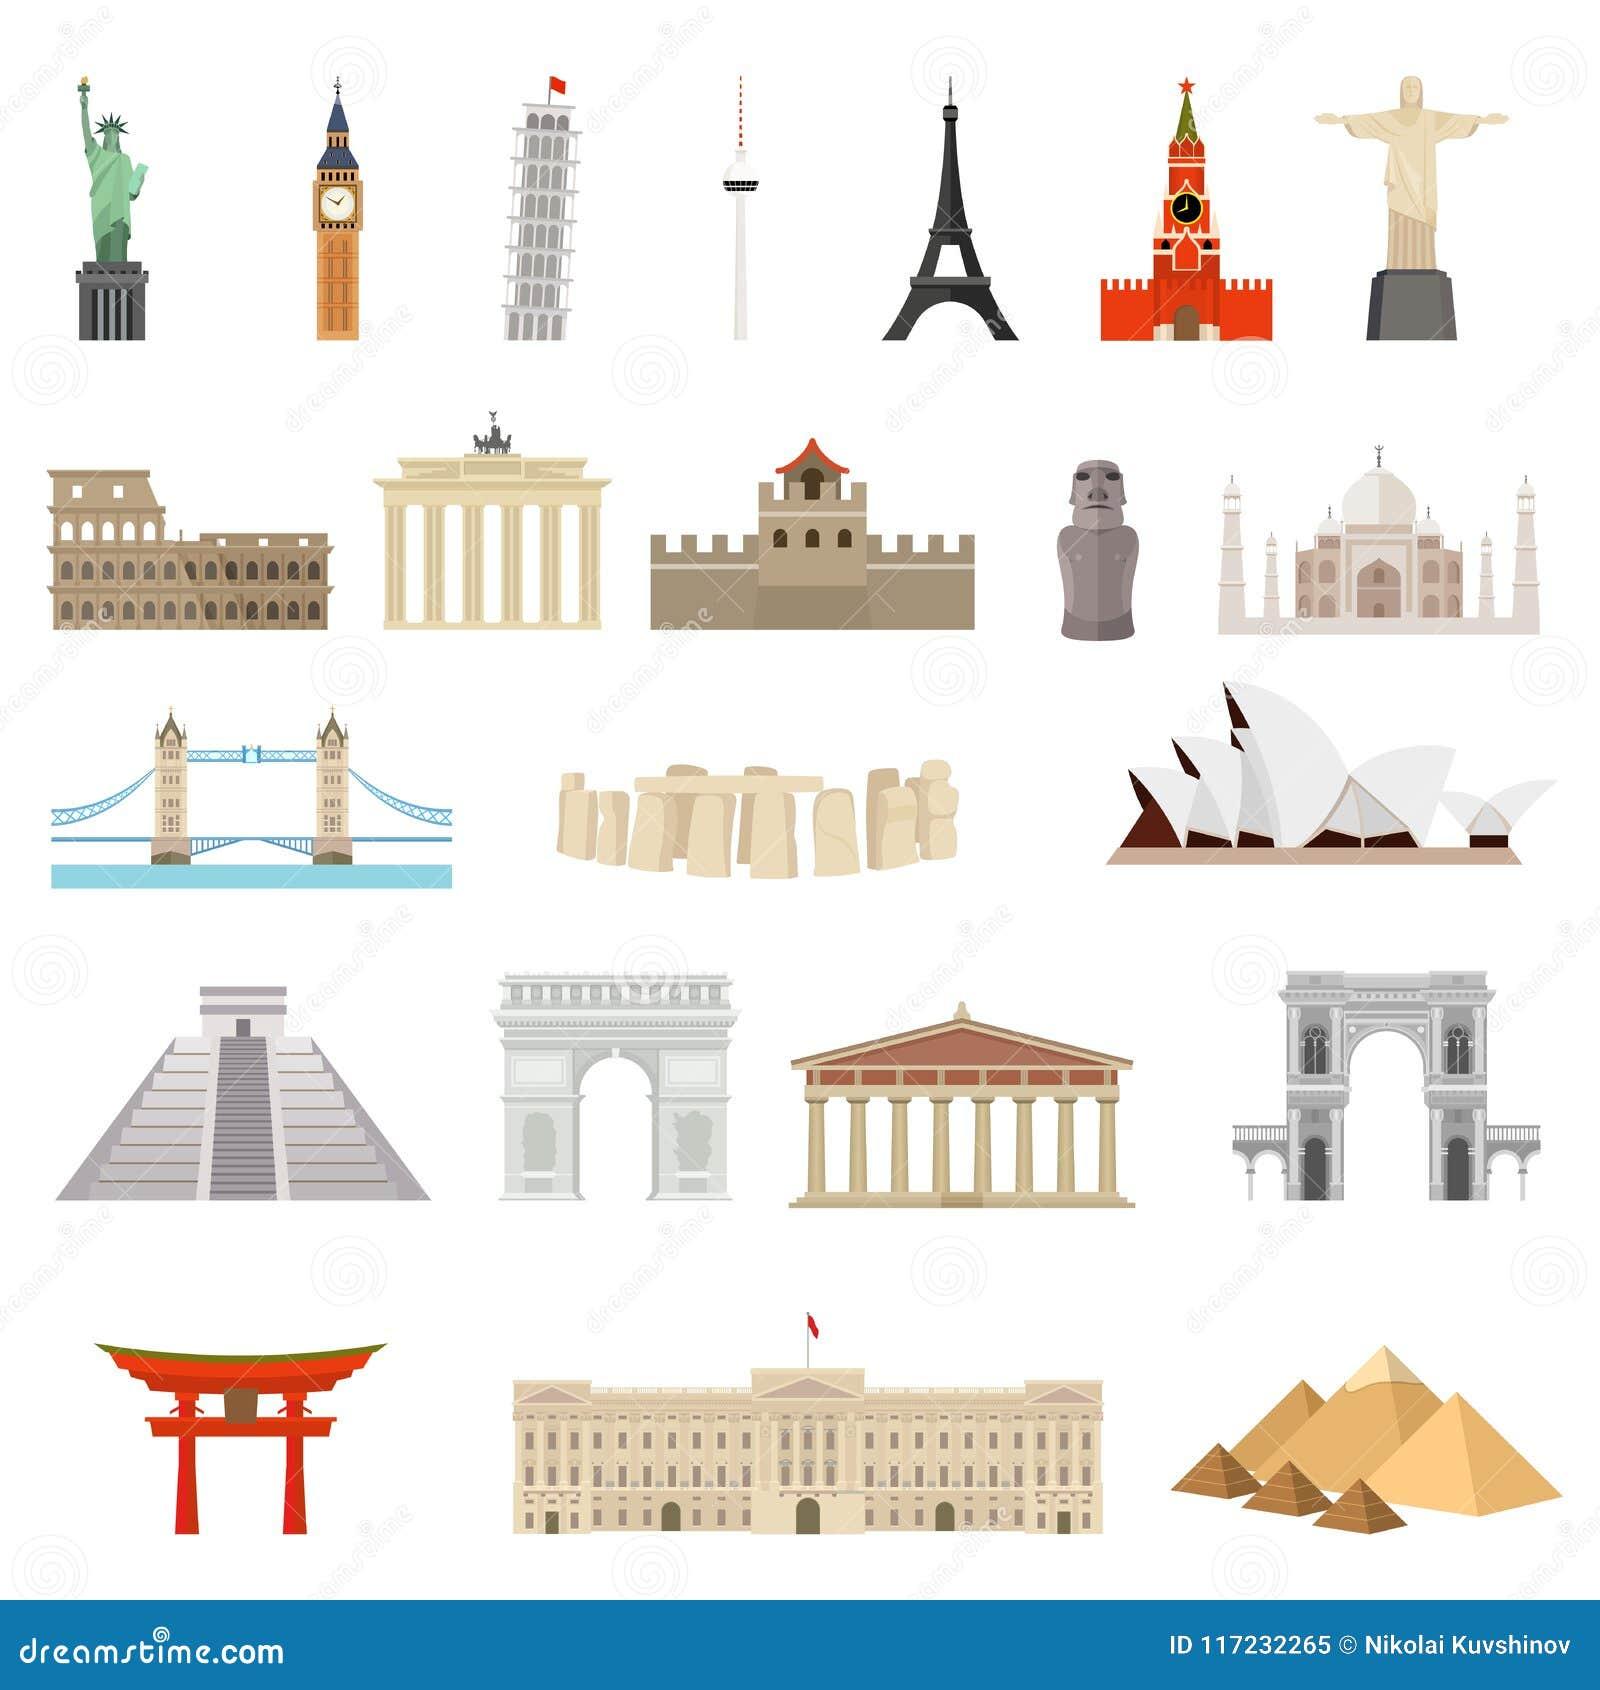 Landen van de wereld architectuur, monumenten of oriëntatiepuntpictogram